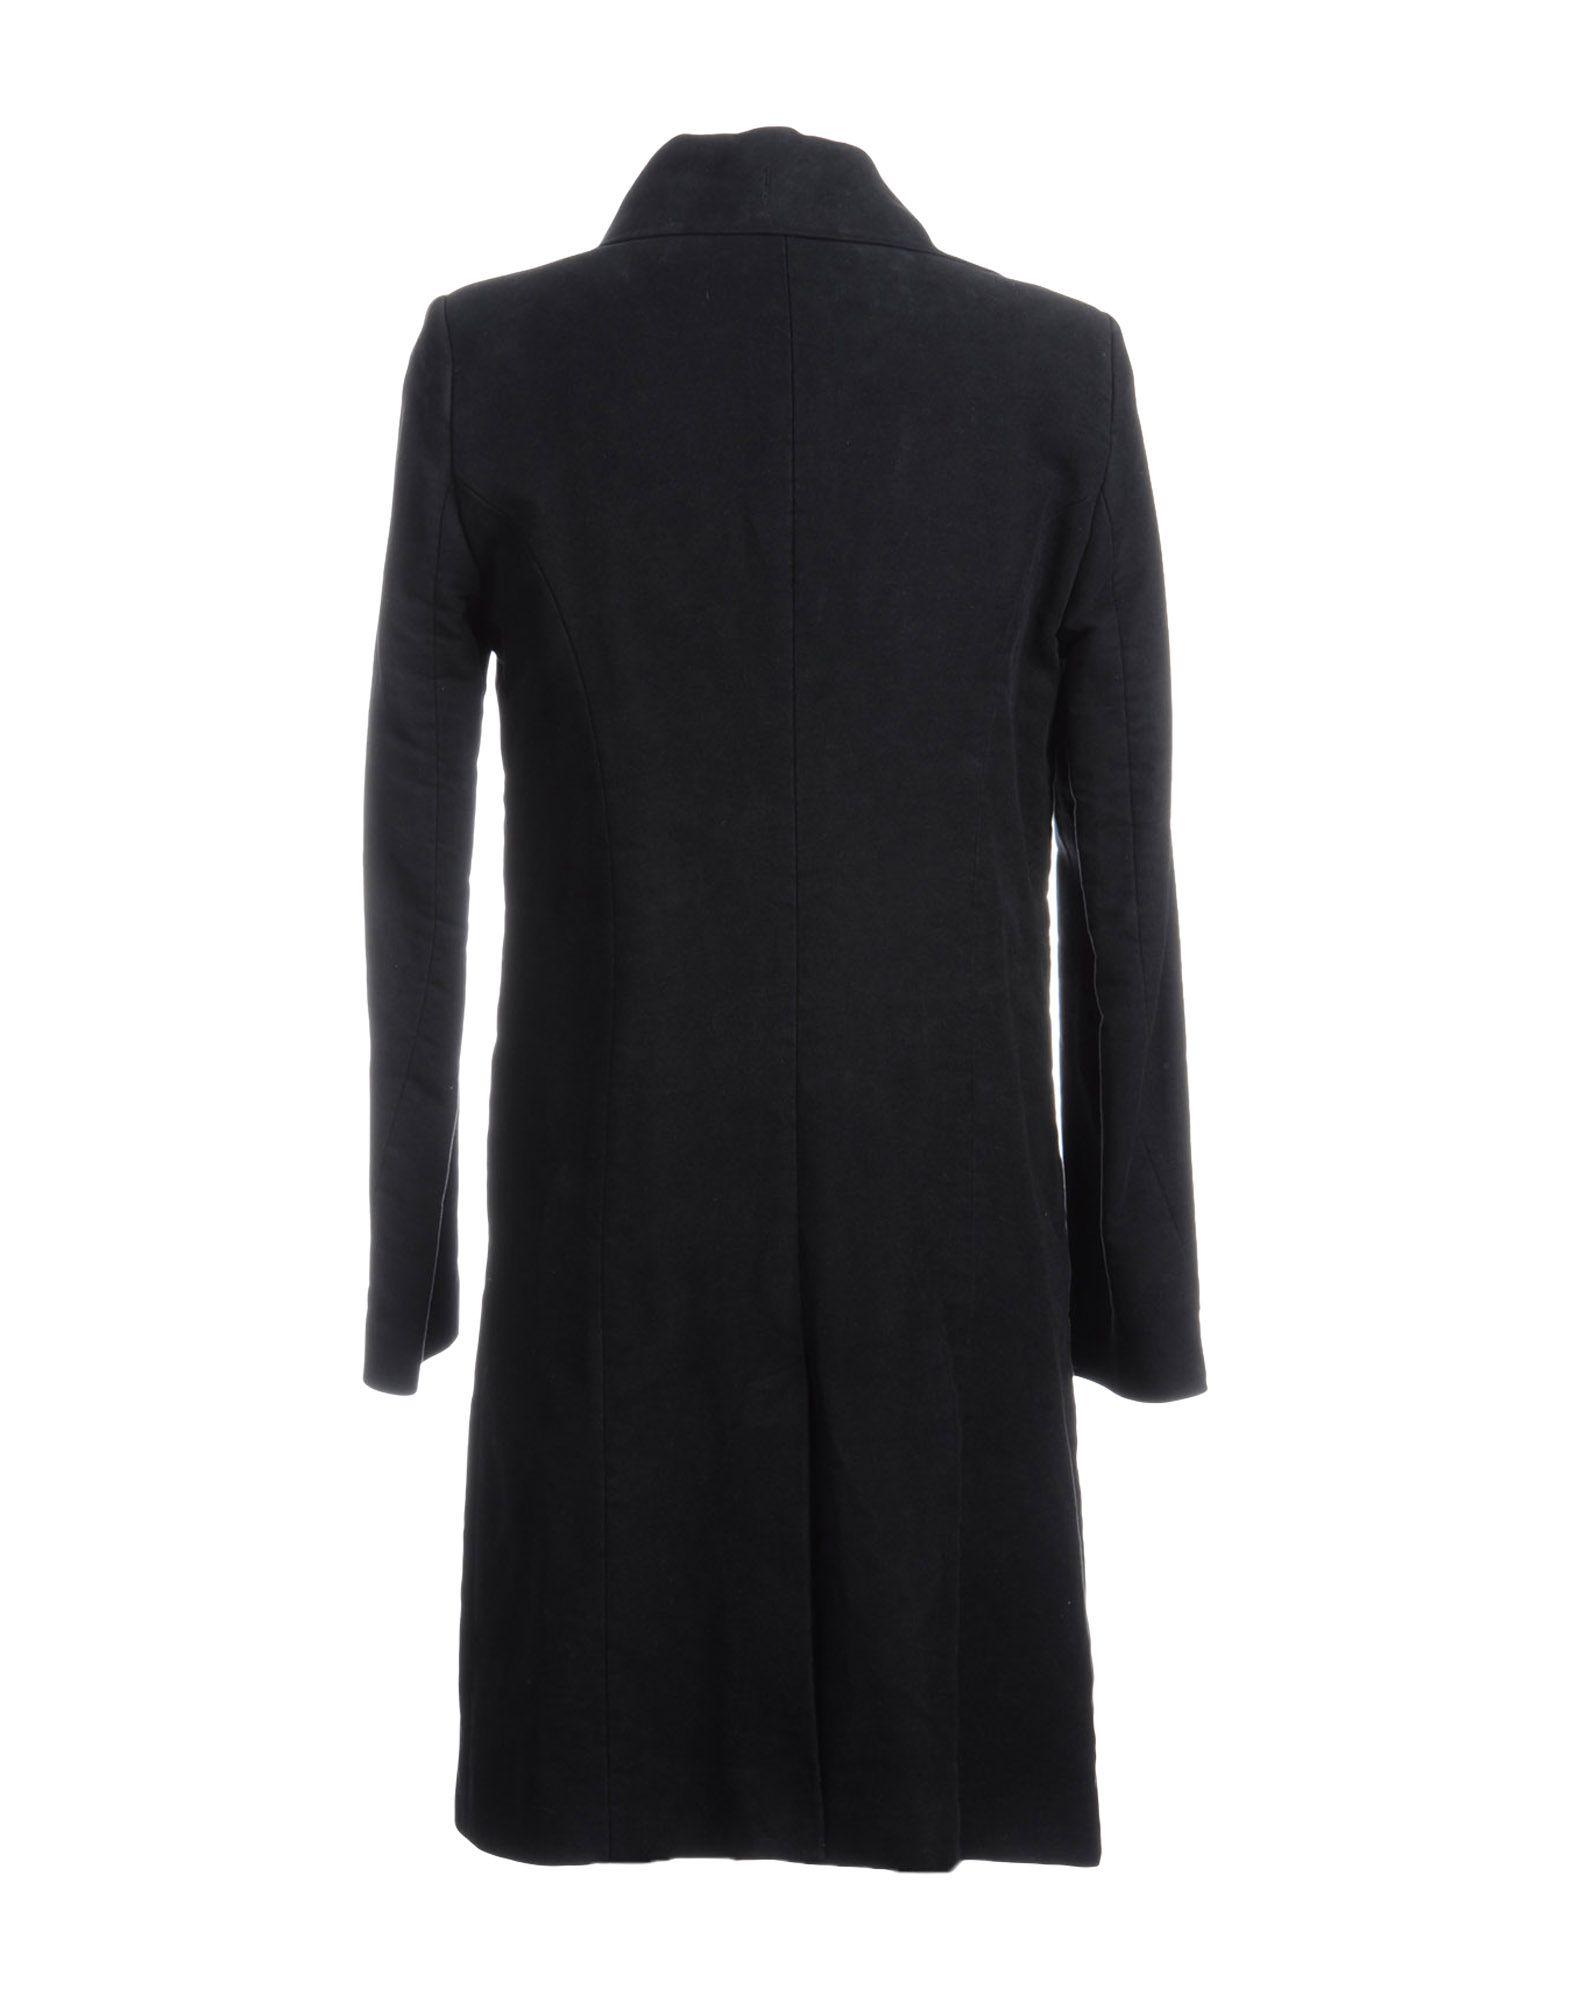 Ann Demeulemeester Flannel Coat in Black for Men